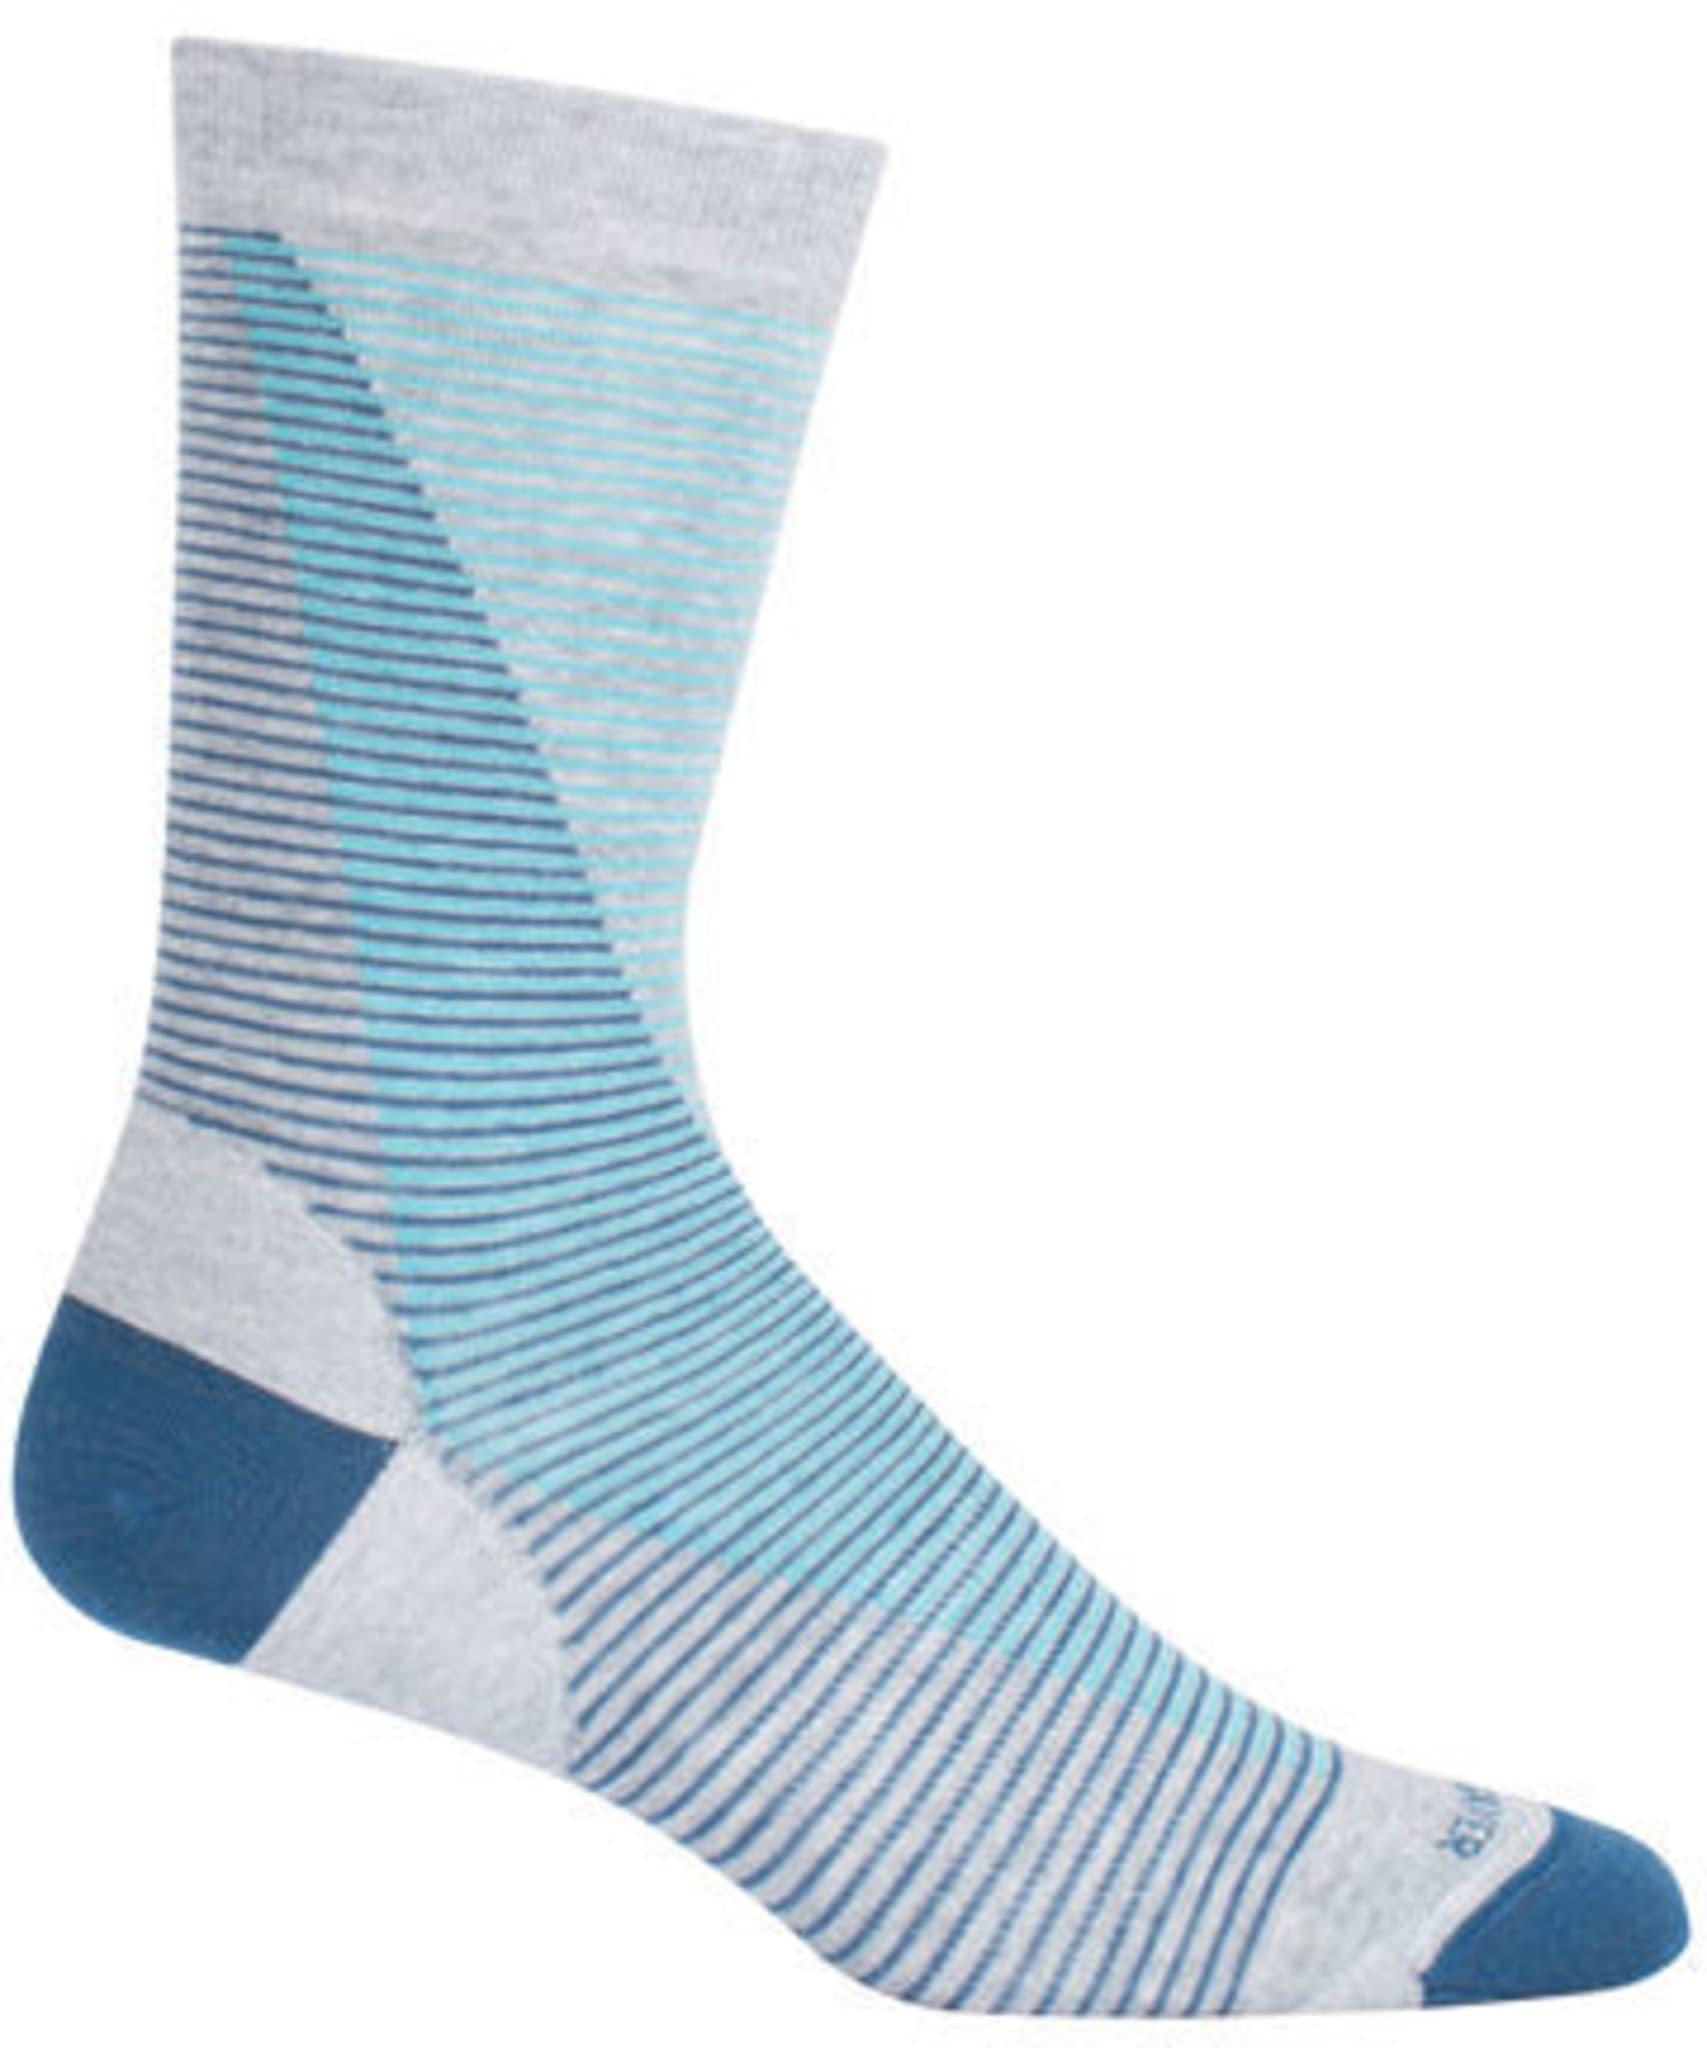 Tynne og slitesterke sokker til helårs bruk